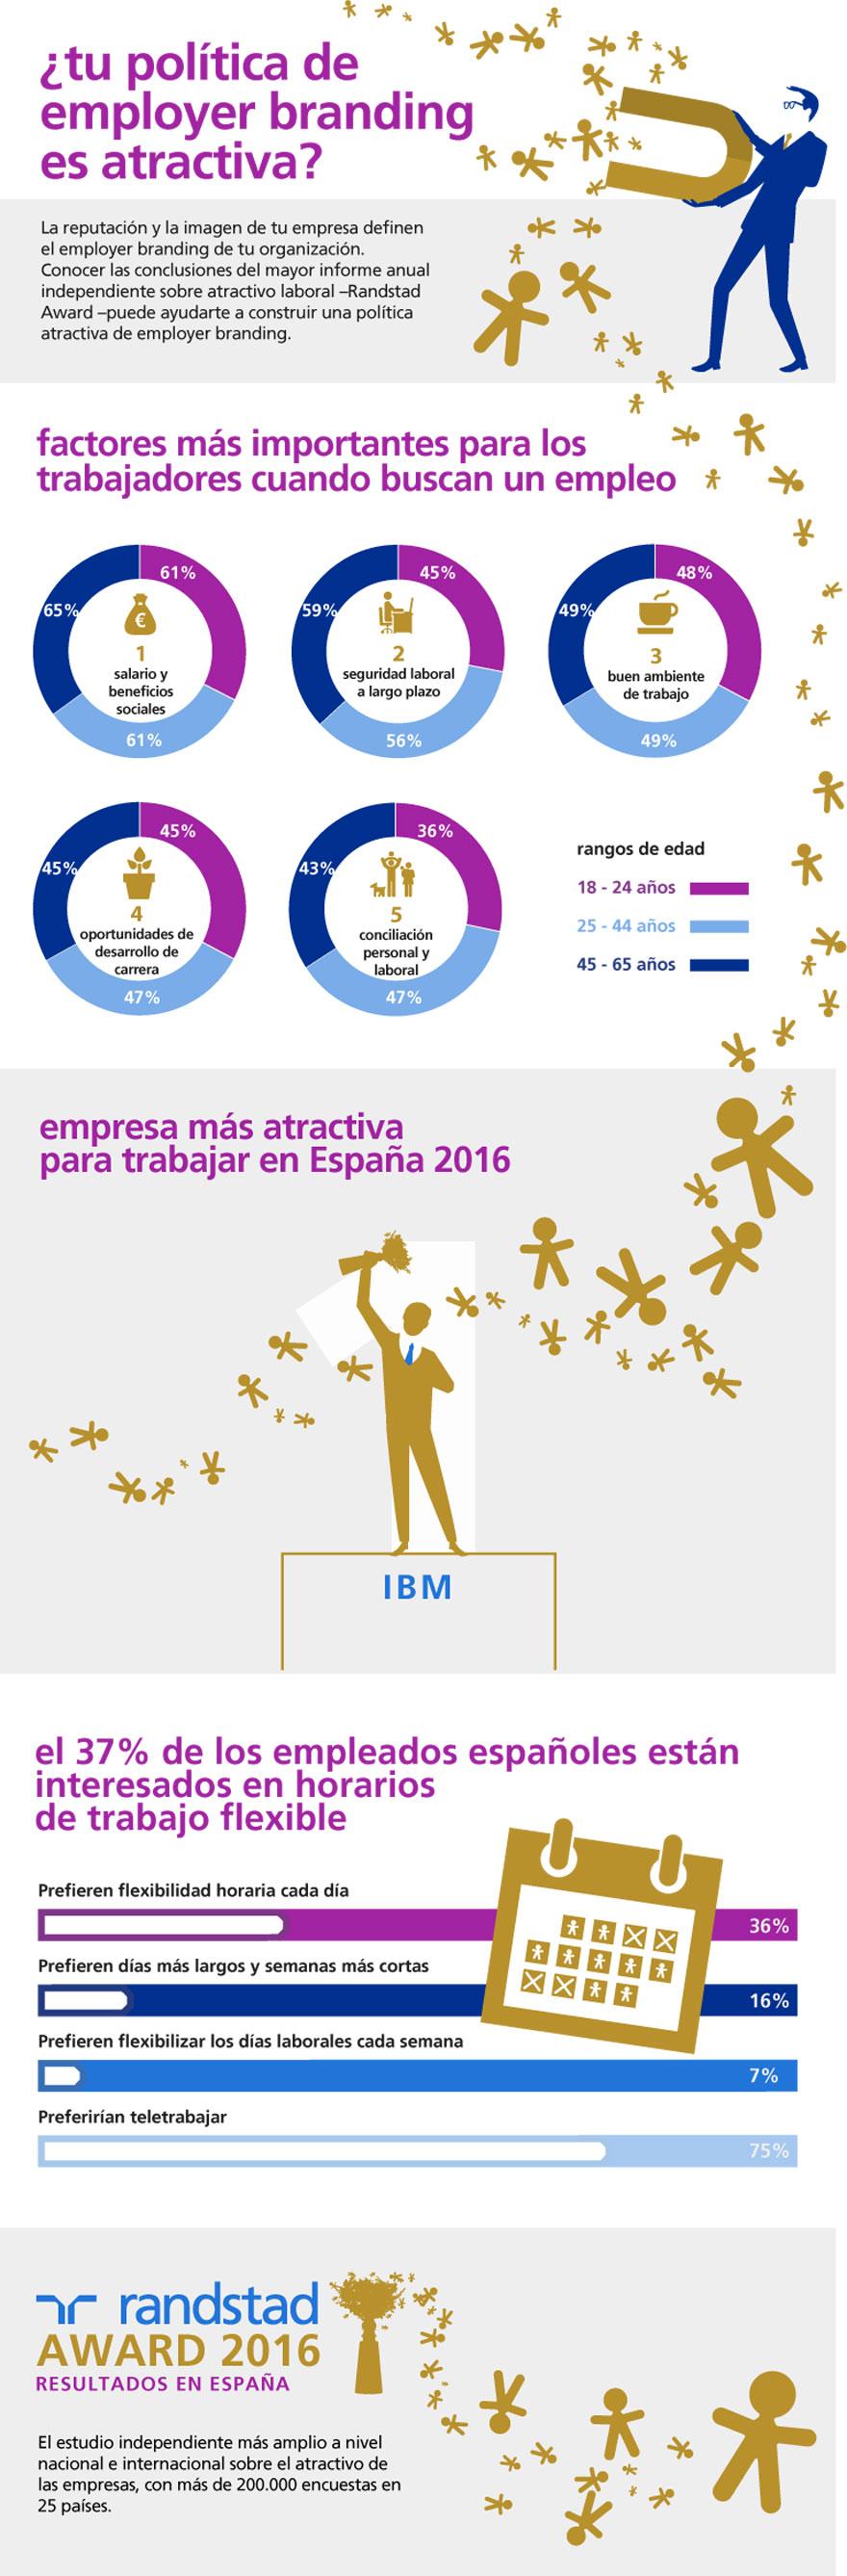 infografia-randstad-award-2016.jpg